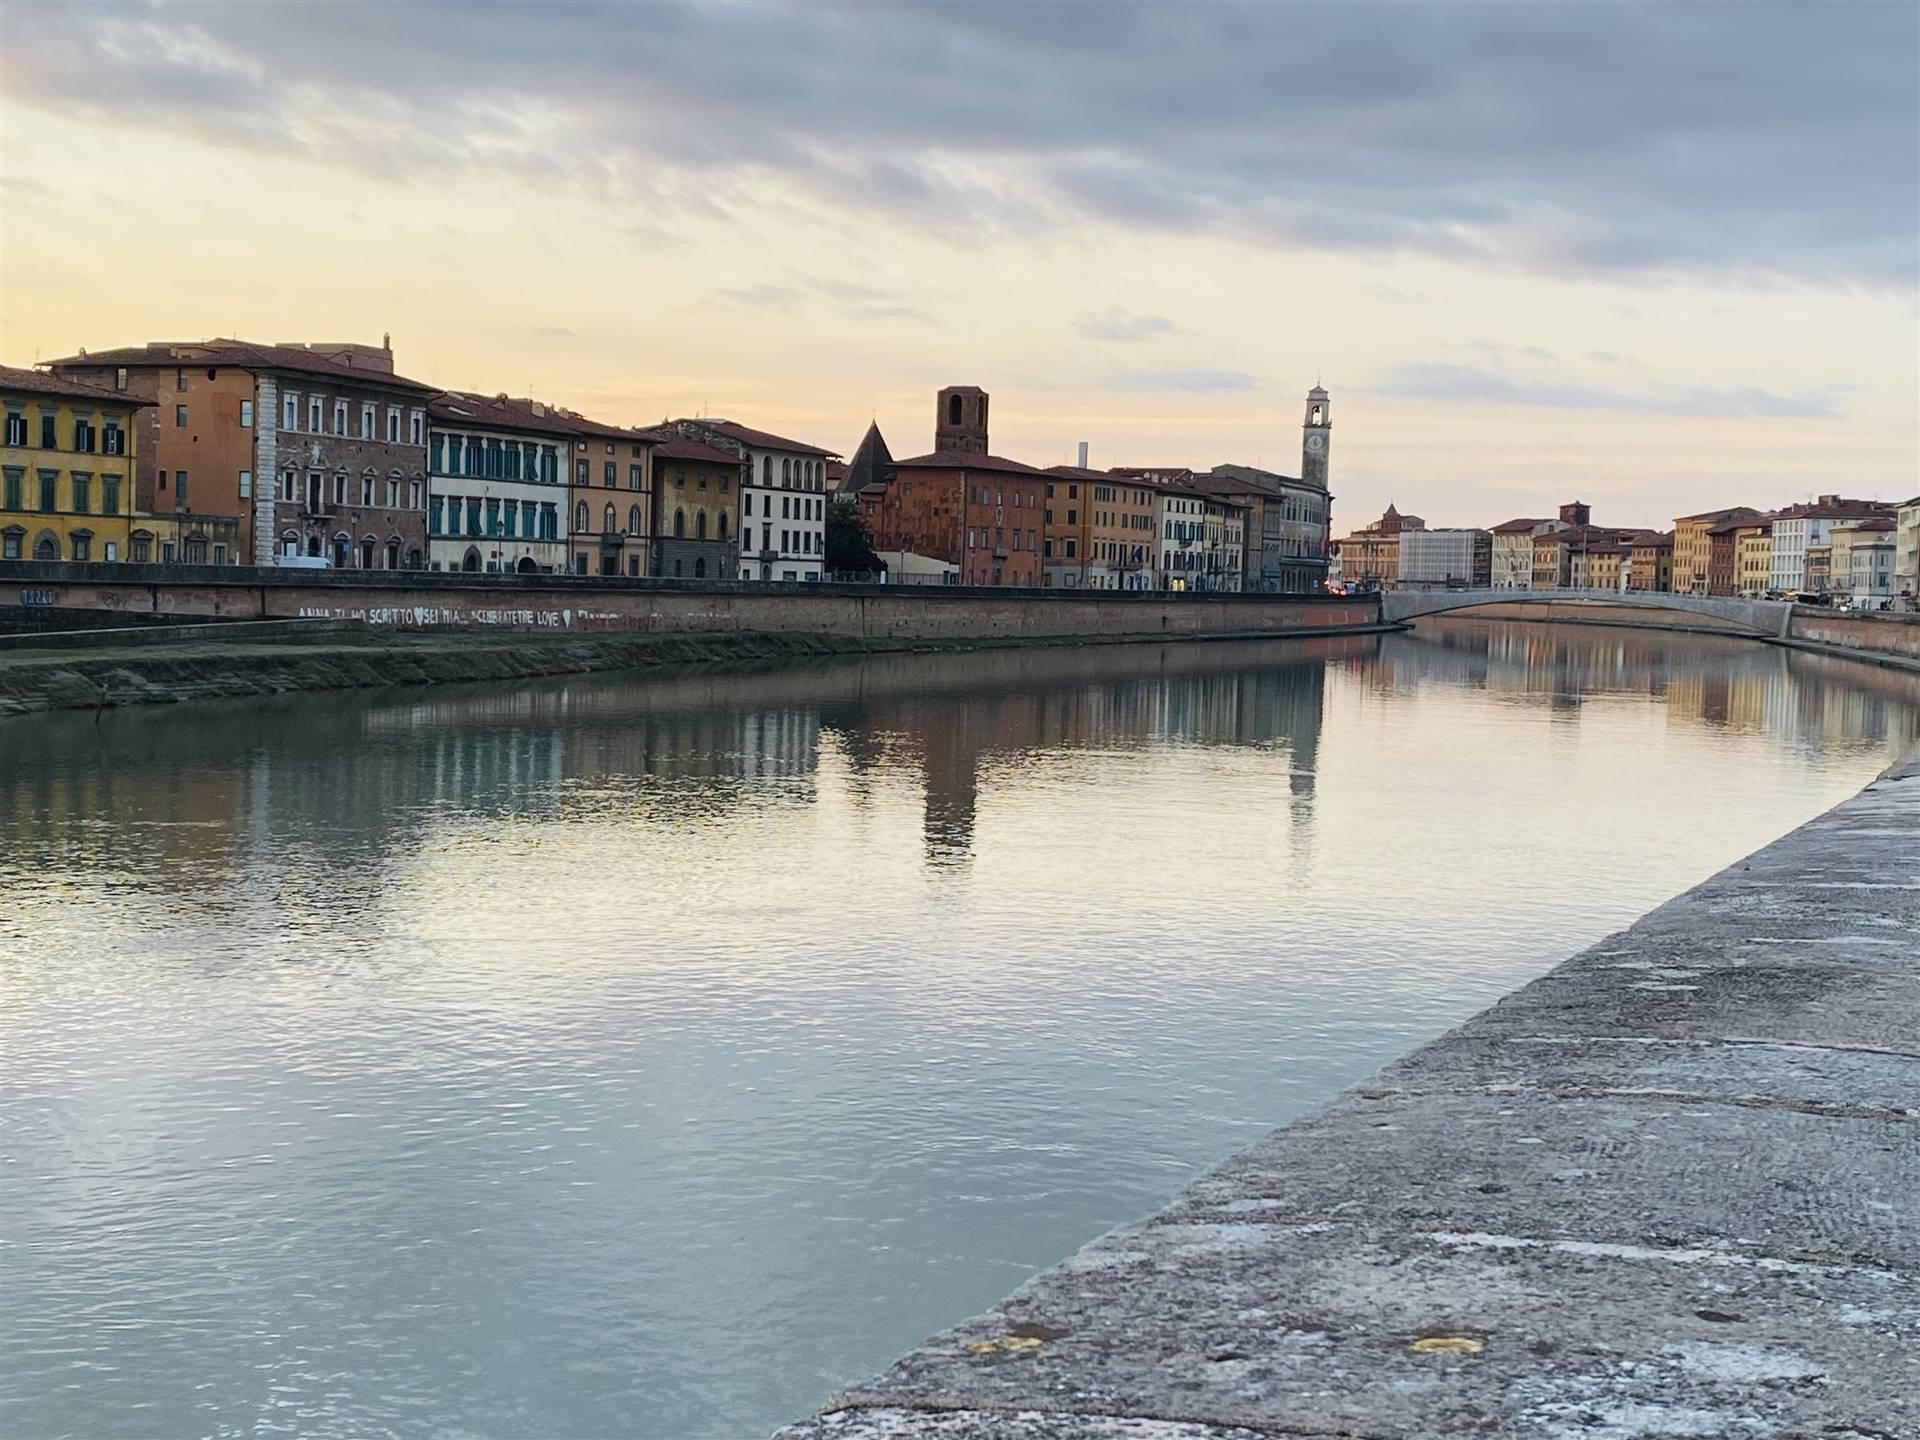 RIFERIMENTO 71CD CENTRO STORICO: Nel cuore di Pisa, a due minuti dagli splendidi Lungarni, inserito in un contesto signorile d'epoca storica,